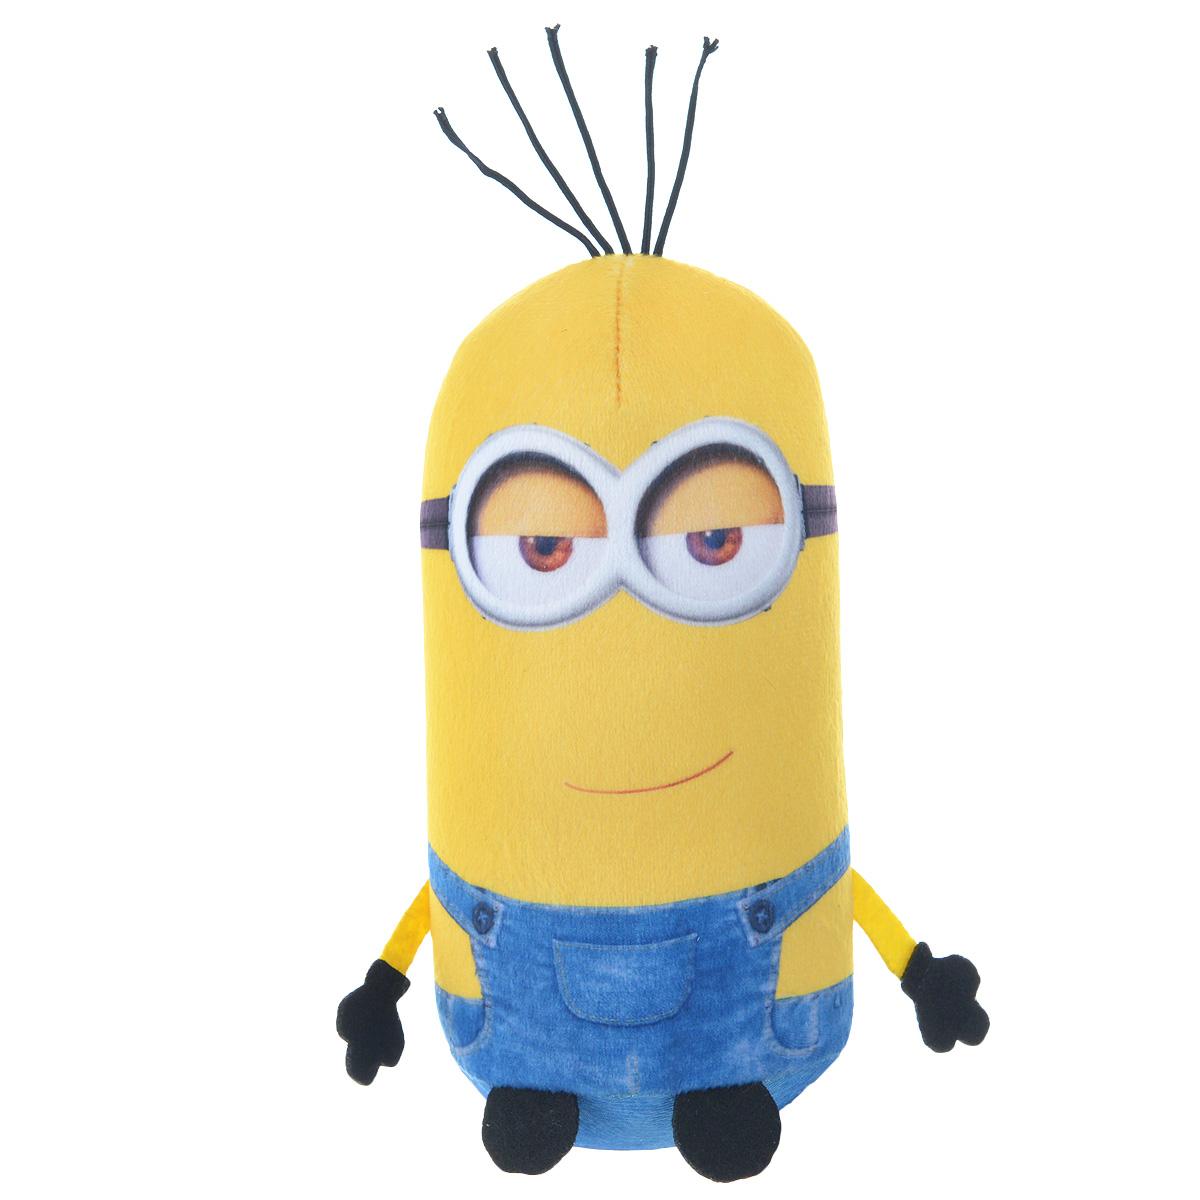 СмолТойс Игрушка-антистресс Миньон Кевин 15 см игрушка антистресс смолтойс кукла анюта 30 см